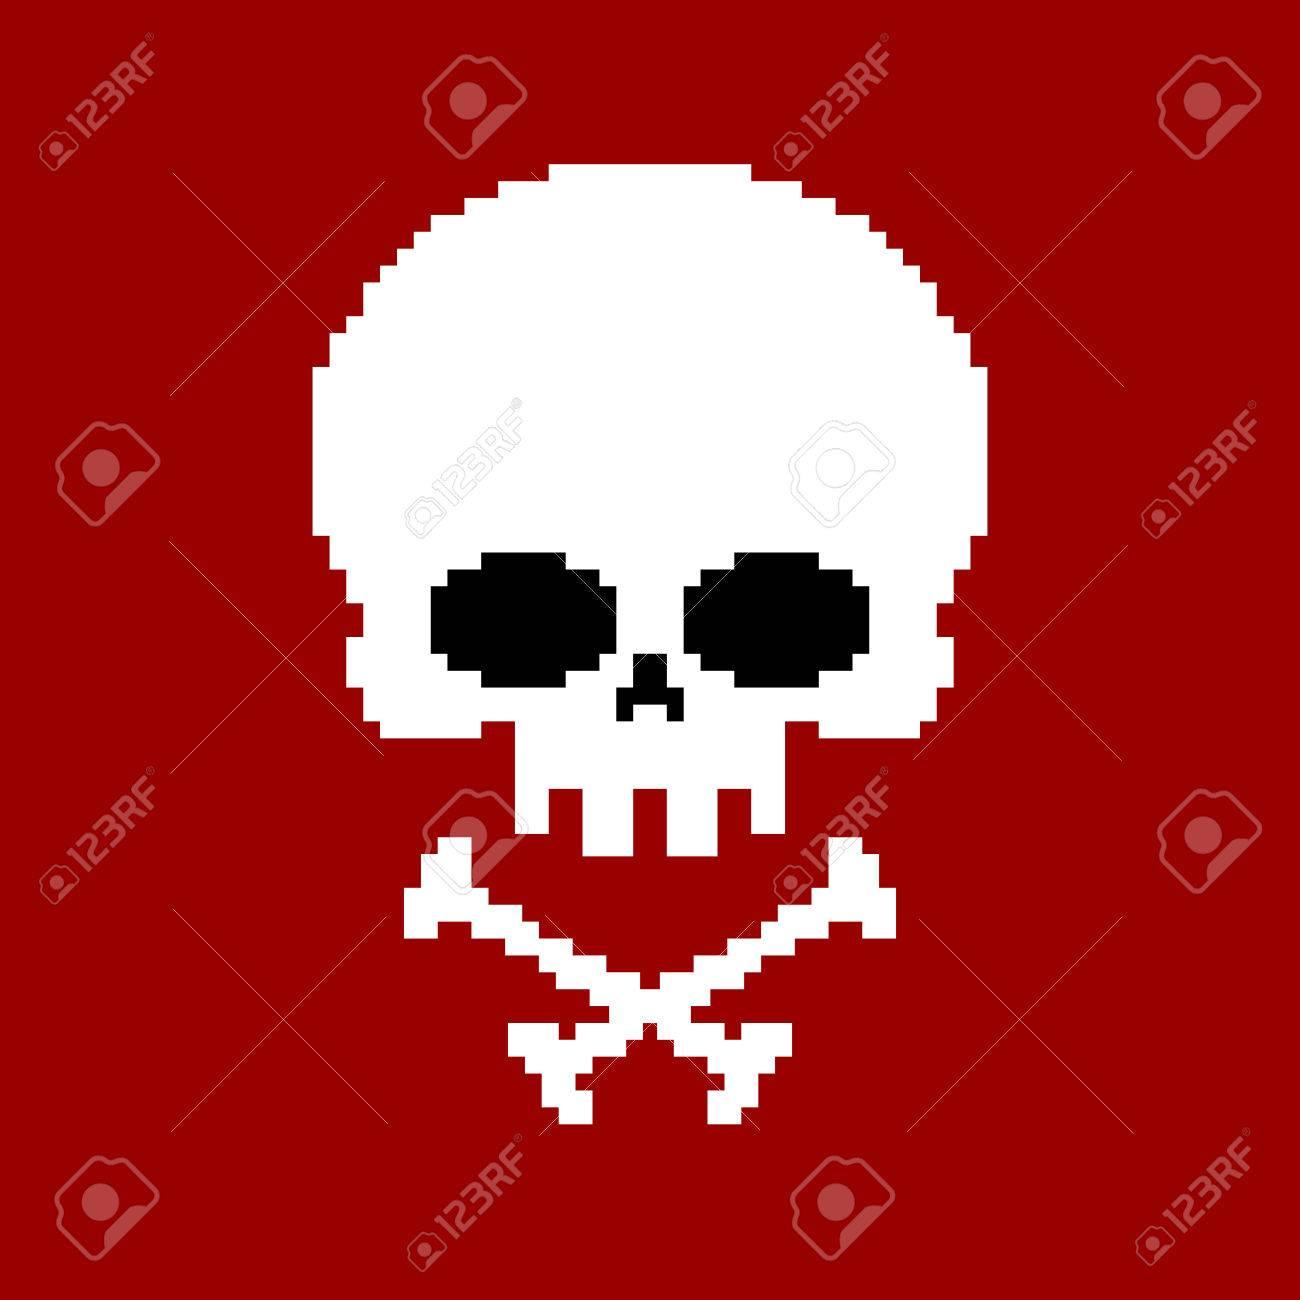 Crâne Pixel Art Tête De Squelette Pixélisé Isolé Sur Fond Blanc